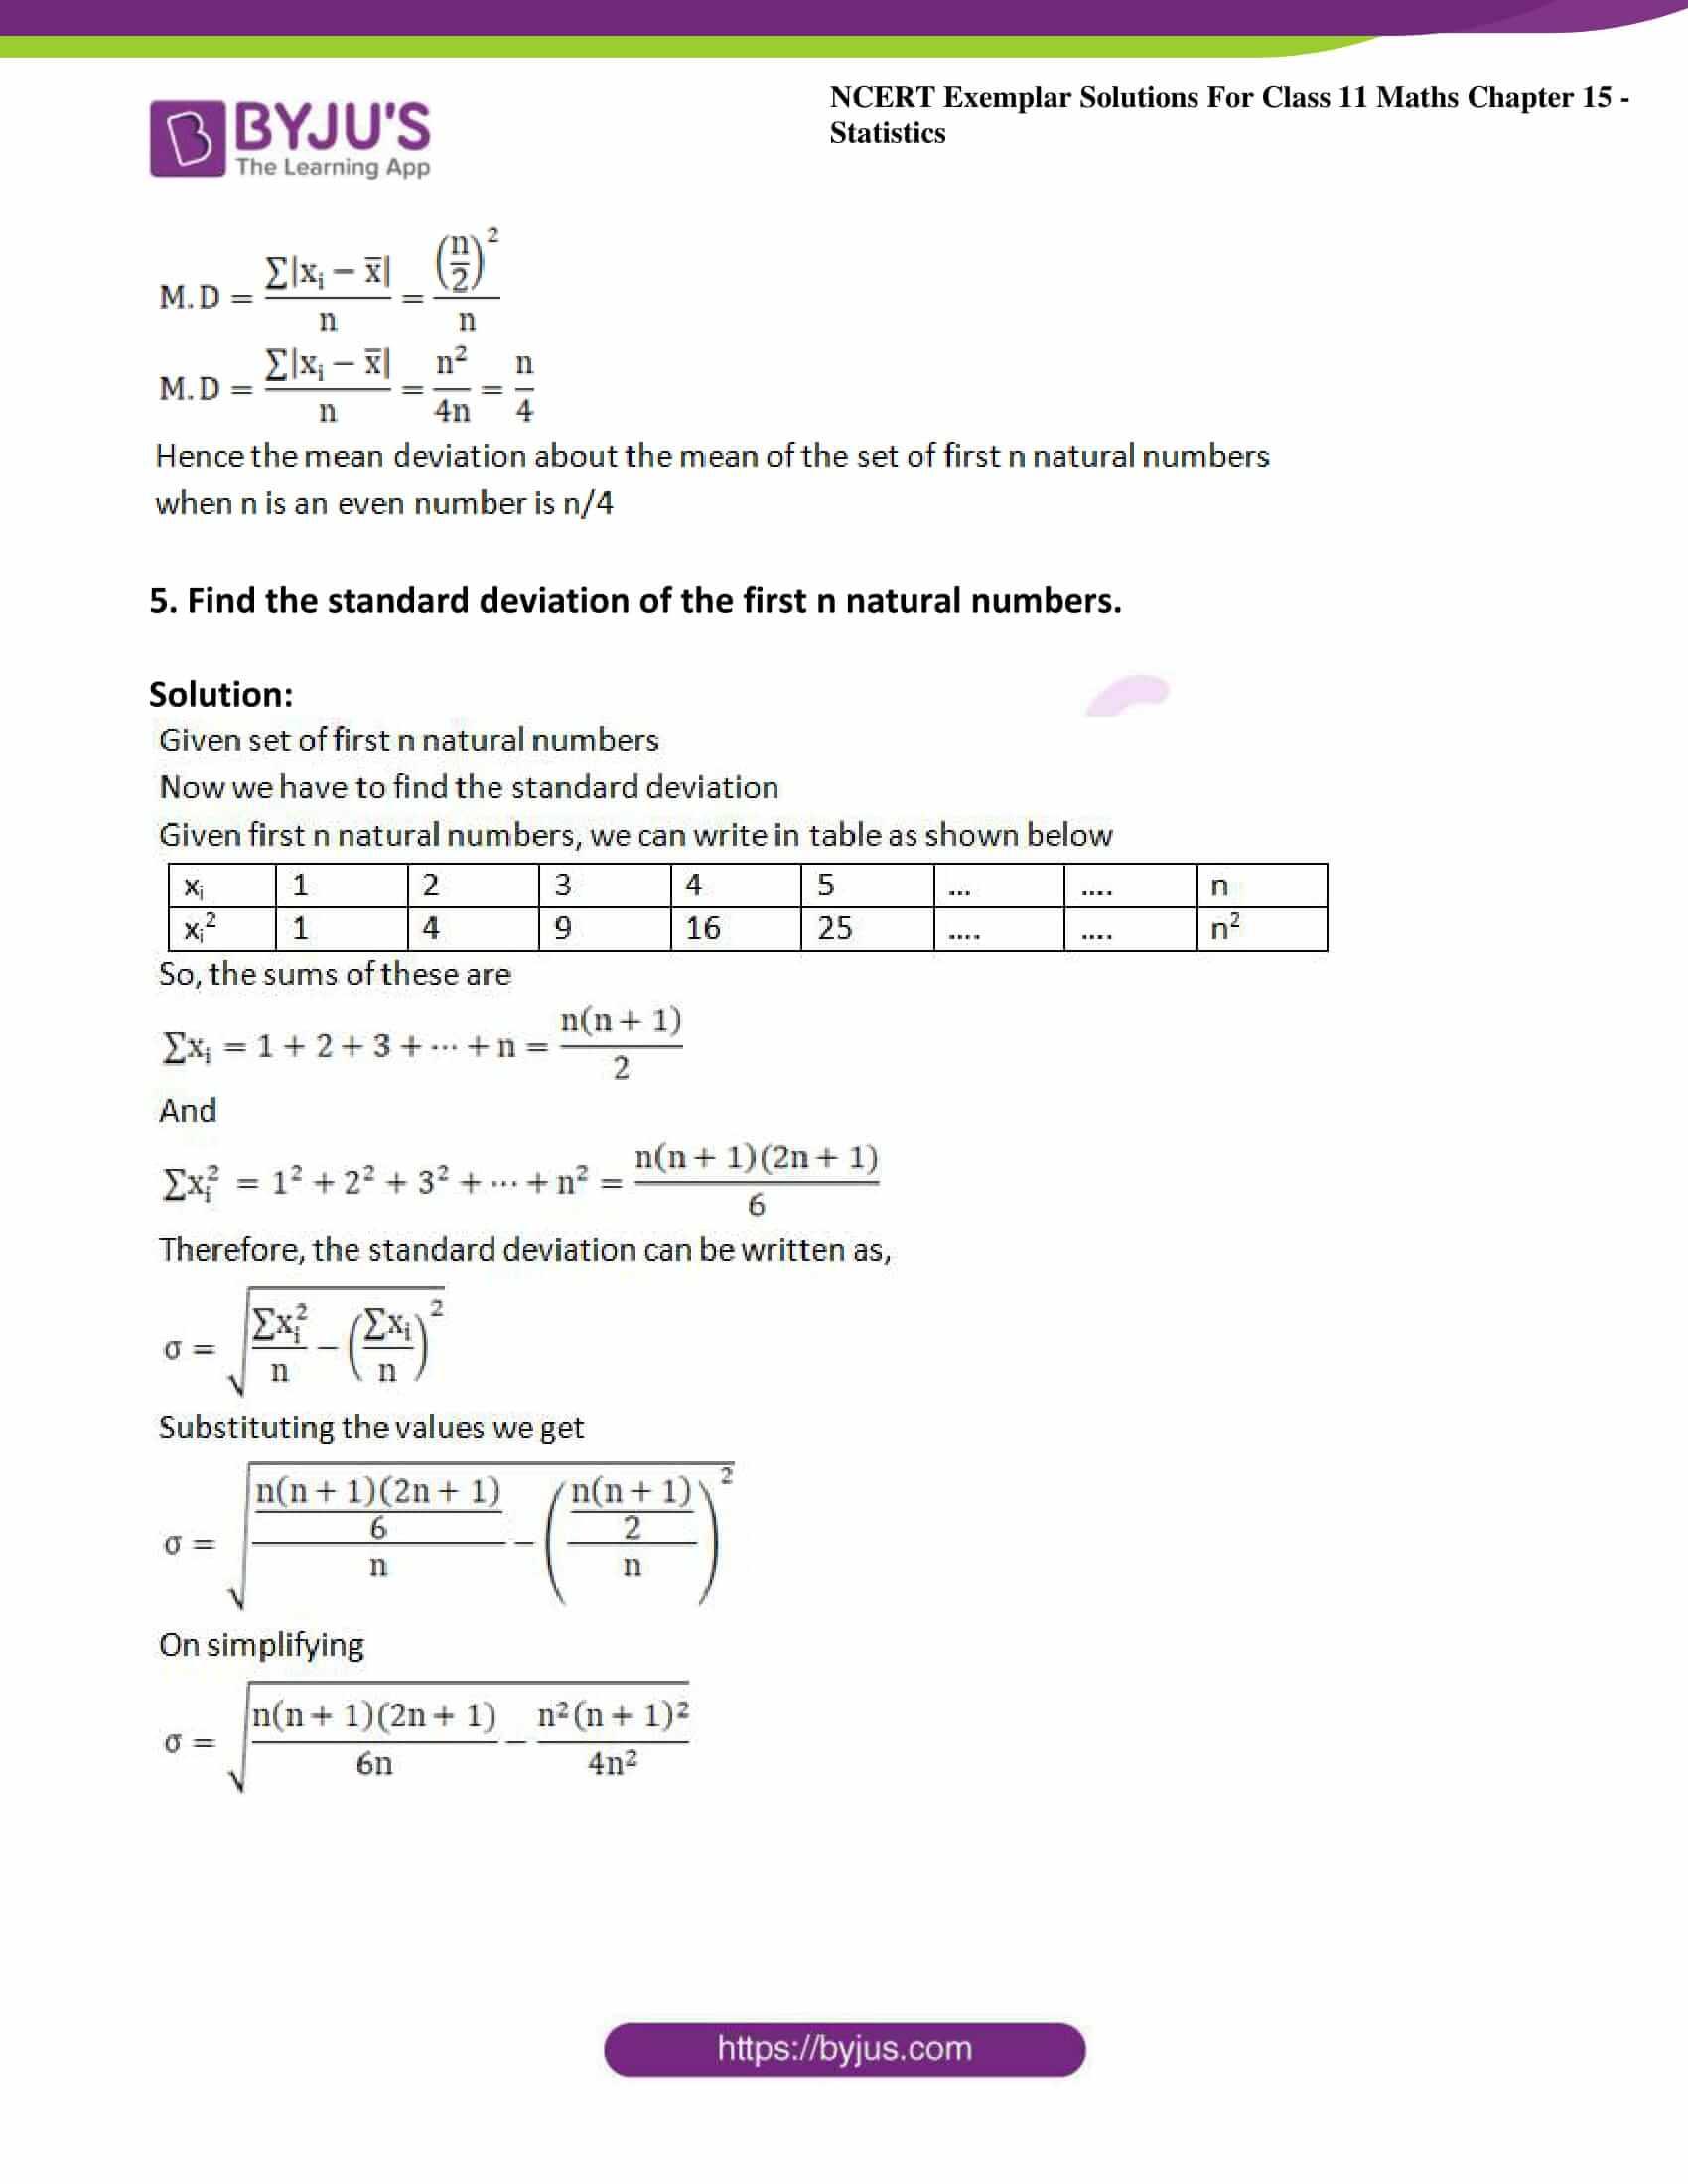 ncert exemplar sol class 11 maths chpt 15 statistics 06